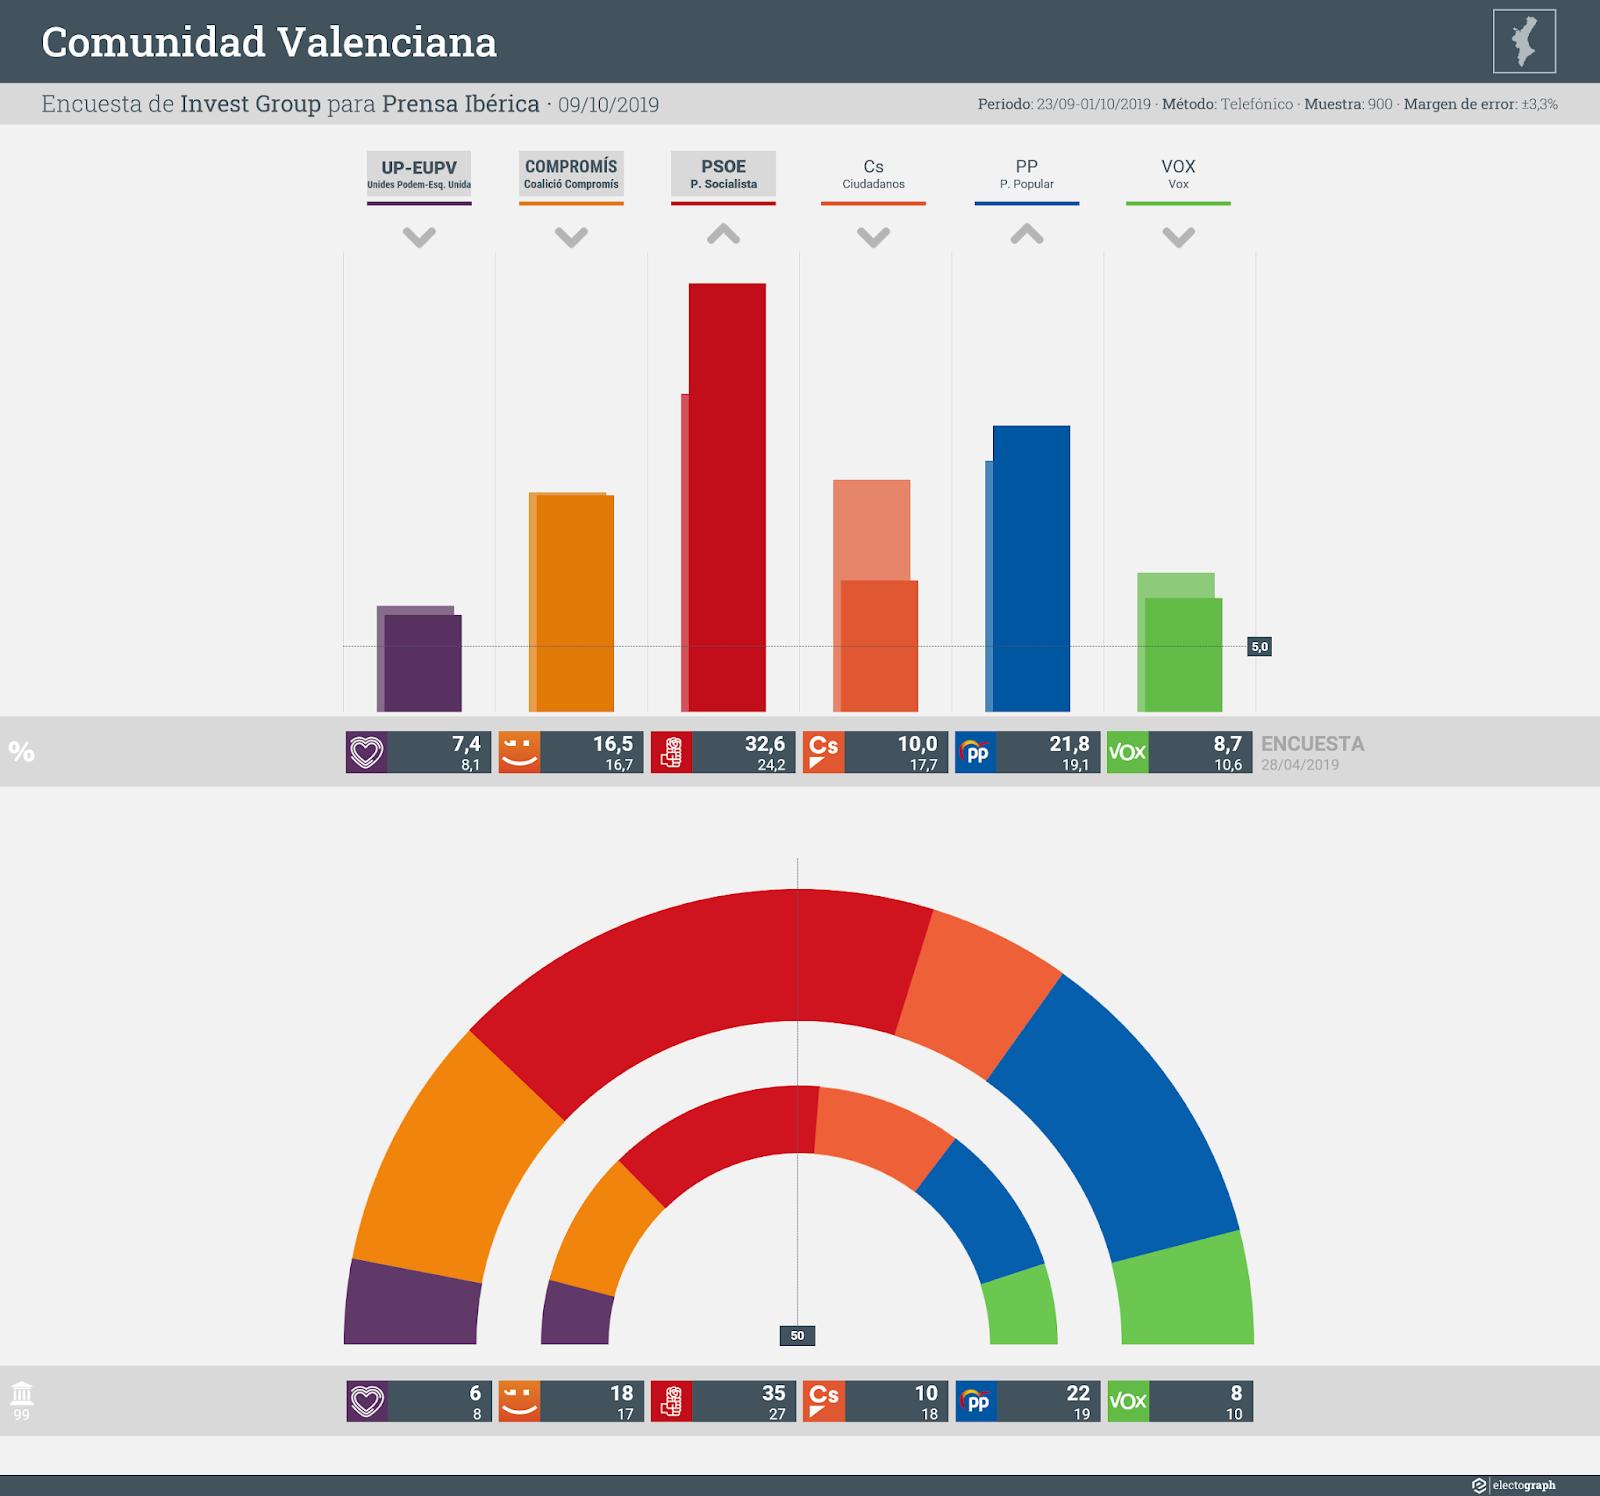 Gráfico de la encuesta para elecciones autonómicas en la Comunidad Valenciana realizada por Invest Group para Prensa Ibérica, 9 de octubre de 2019